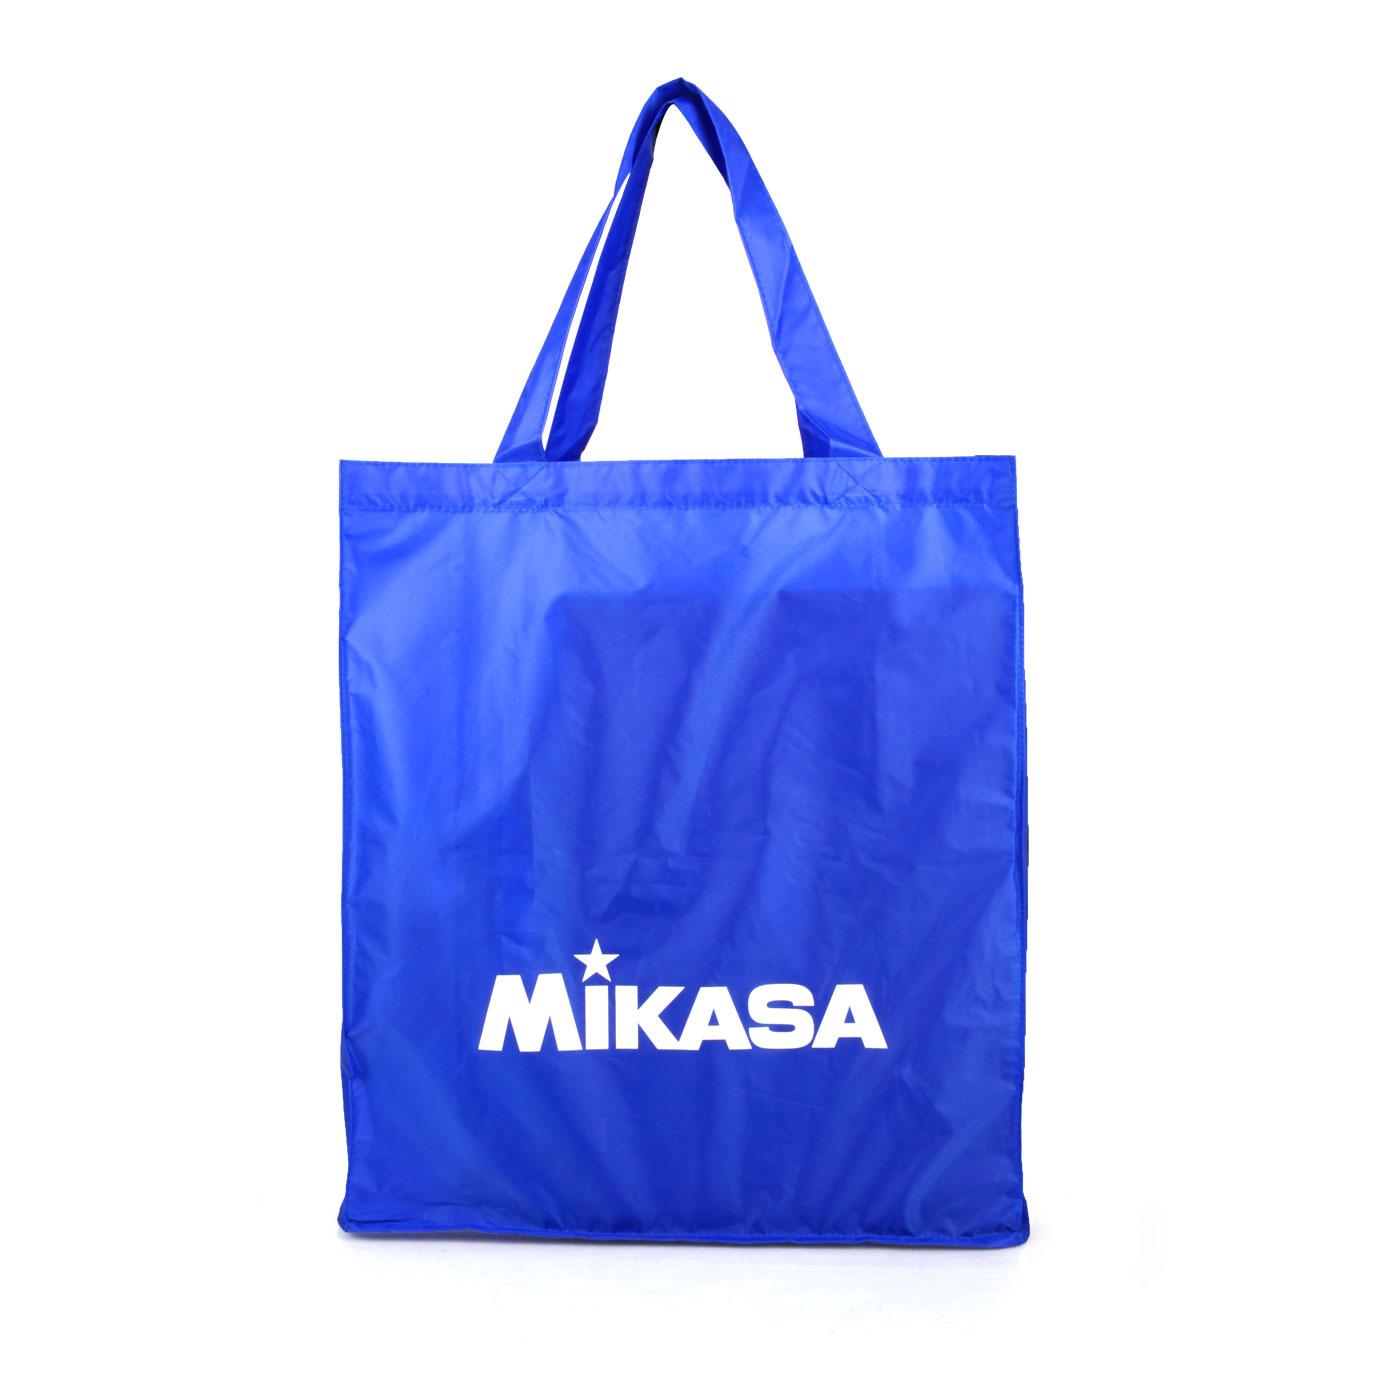 MIKASA 摺疊購物袋 MKBA21-BL - 藍白